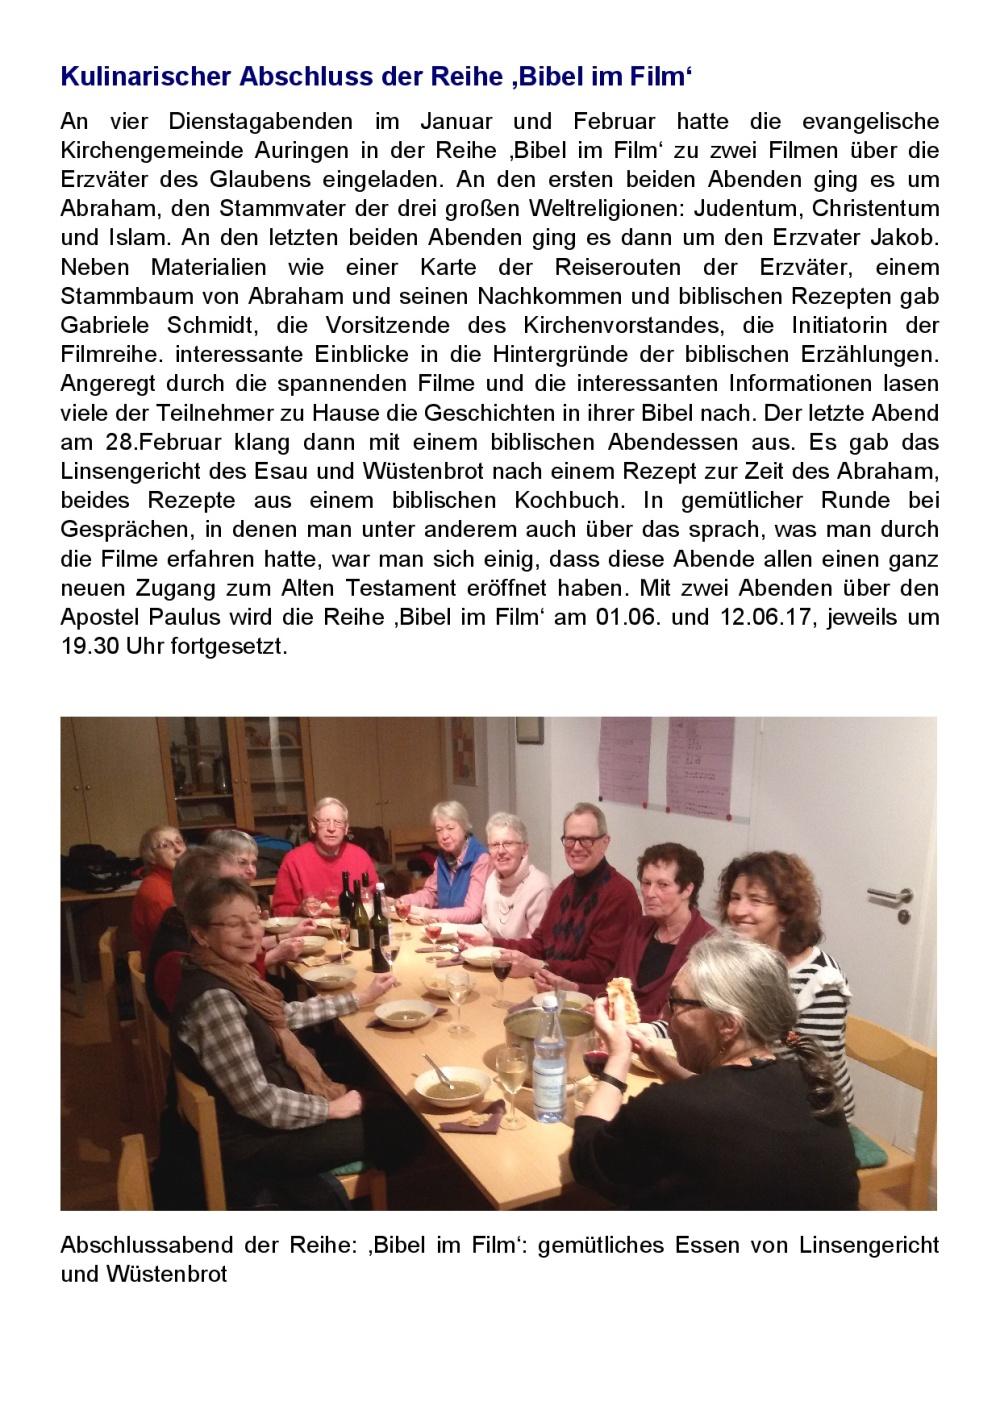 2017-02-28 Kulinarischer Abschluss Bibel im Film-001